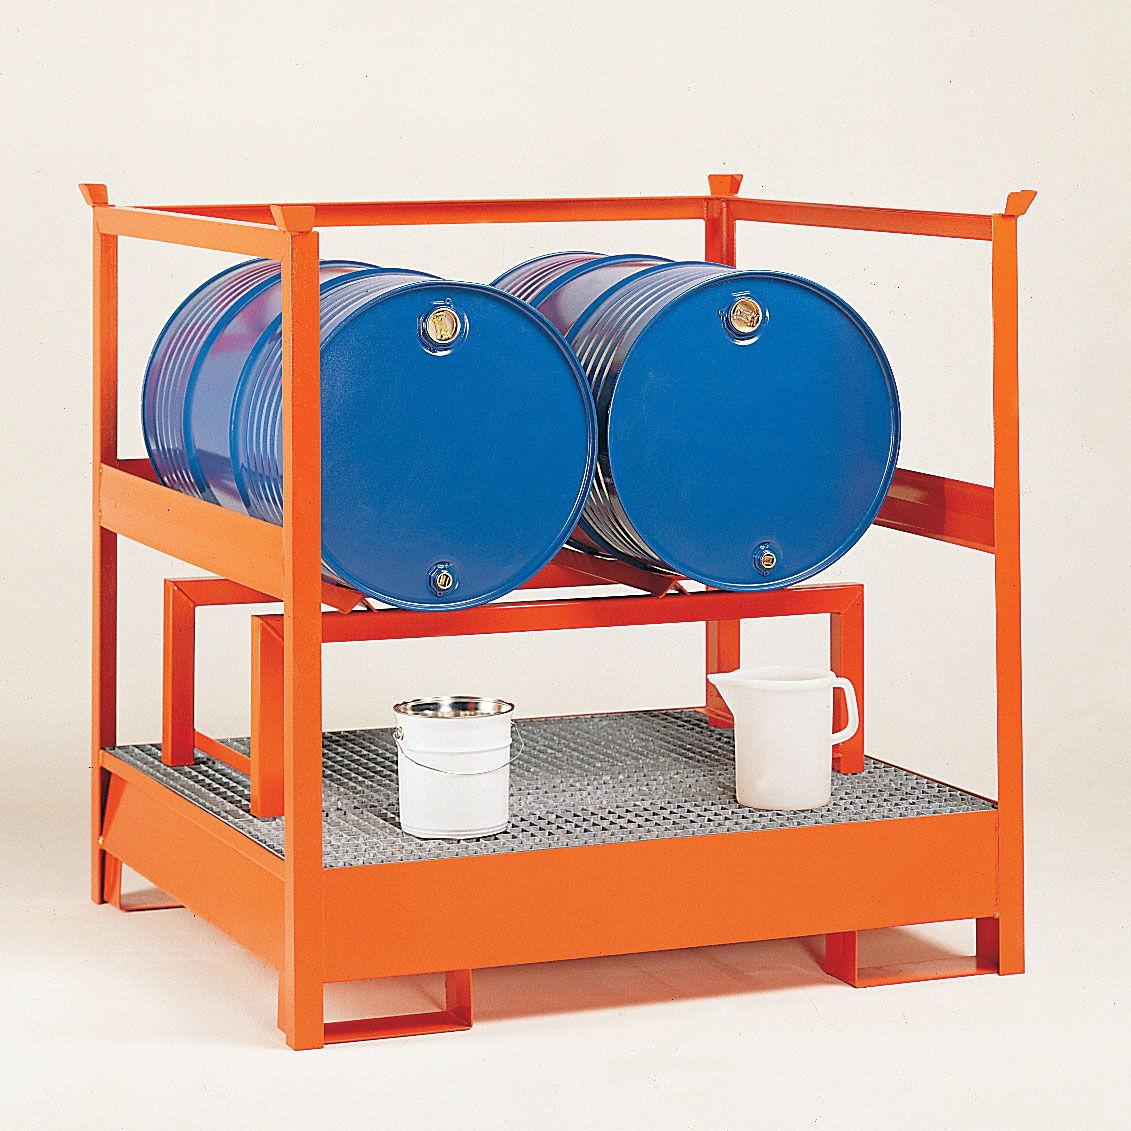 Cubetos de retención para barriles con estructura apilable con paredes de malla